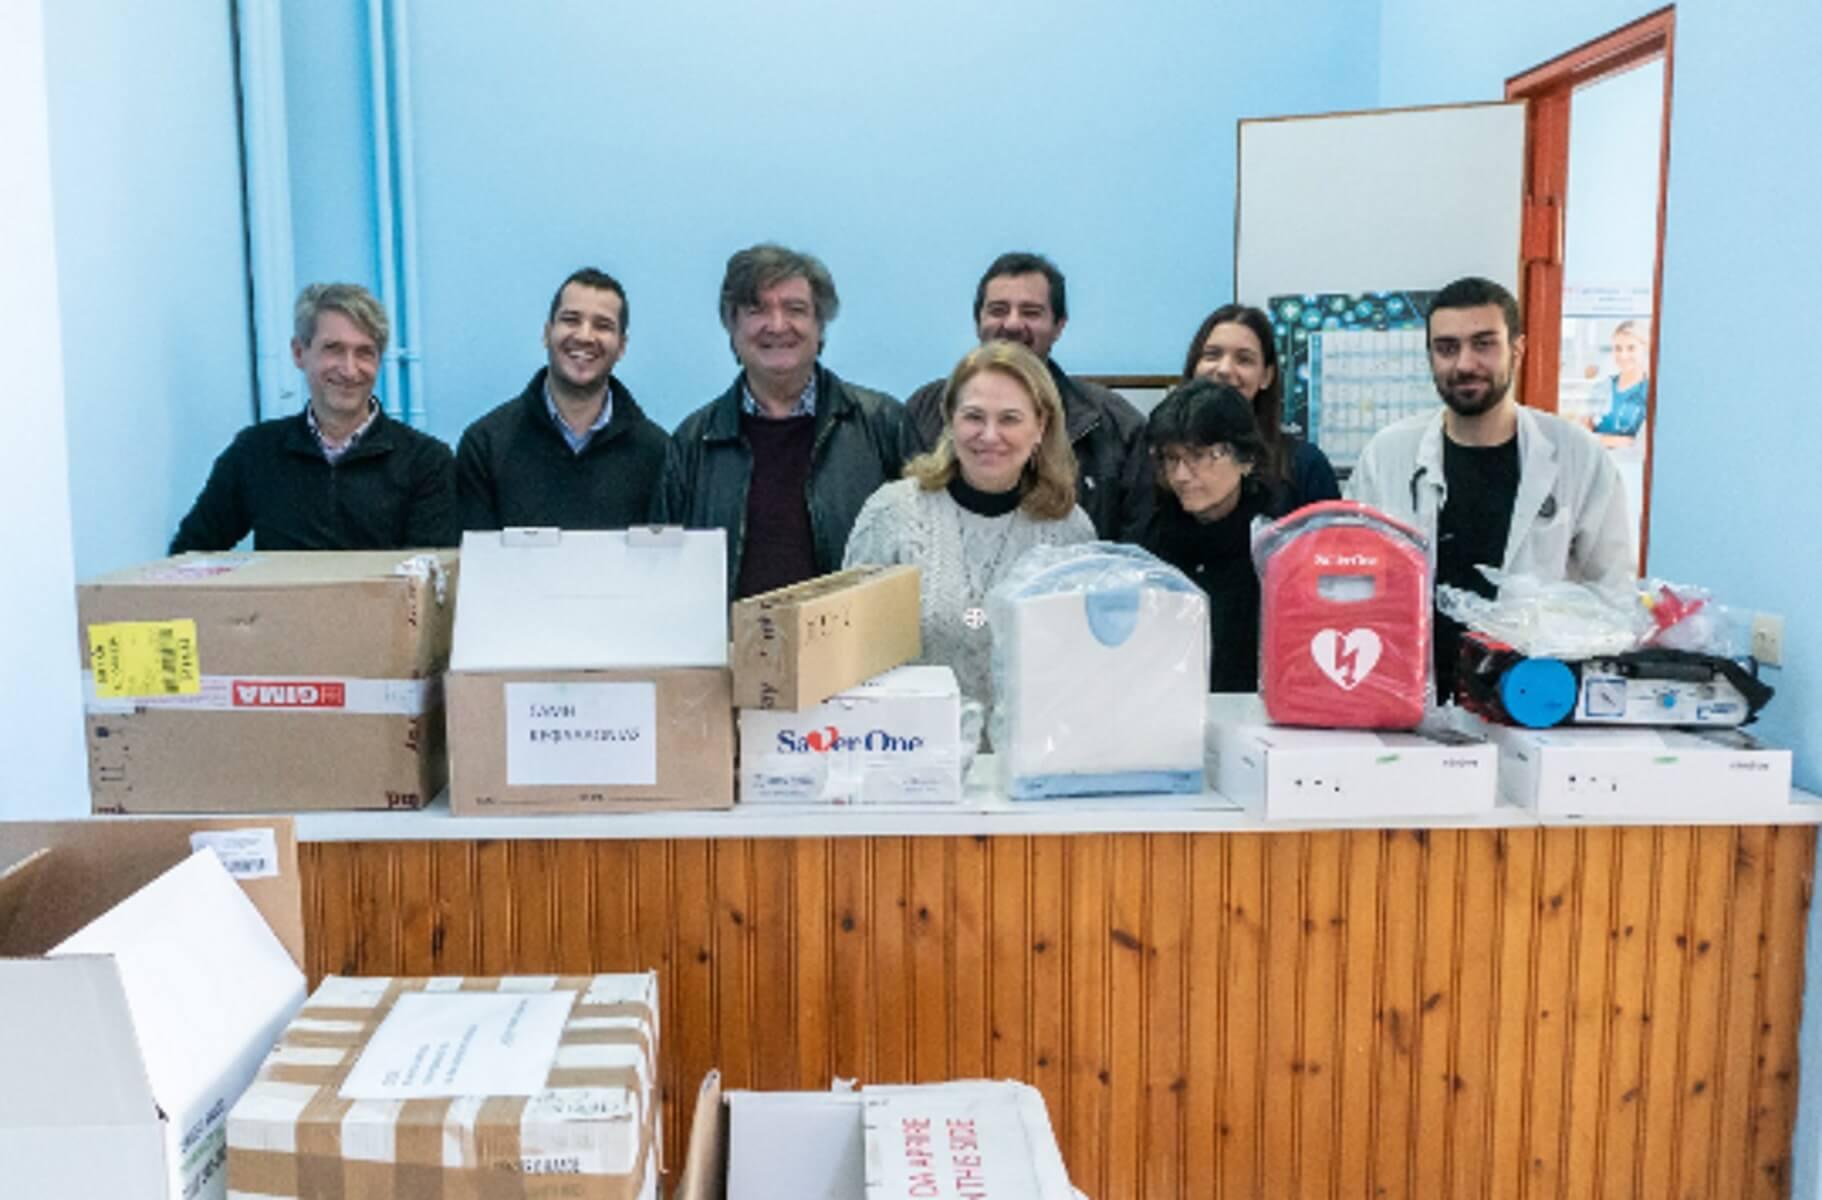 Τα ΕΛΠΕ εξοπλίζουν τα Κέντρα Υγείας σε Ιθάκη και Σάμη Κεφαλληνίας